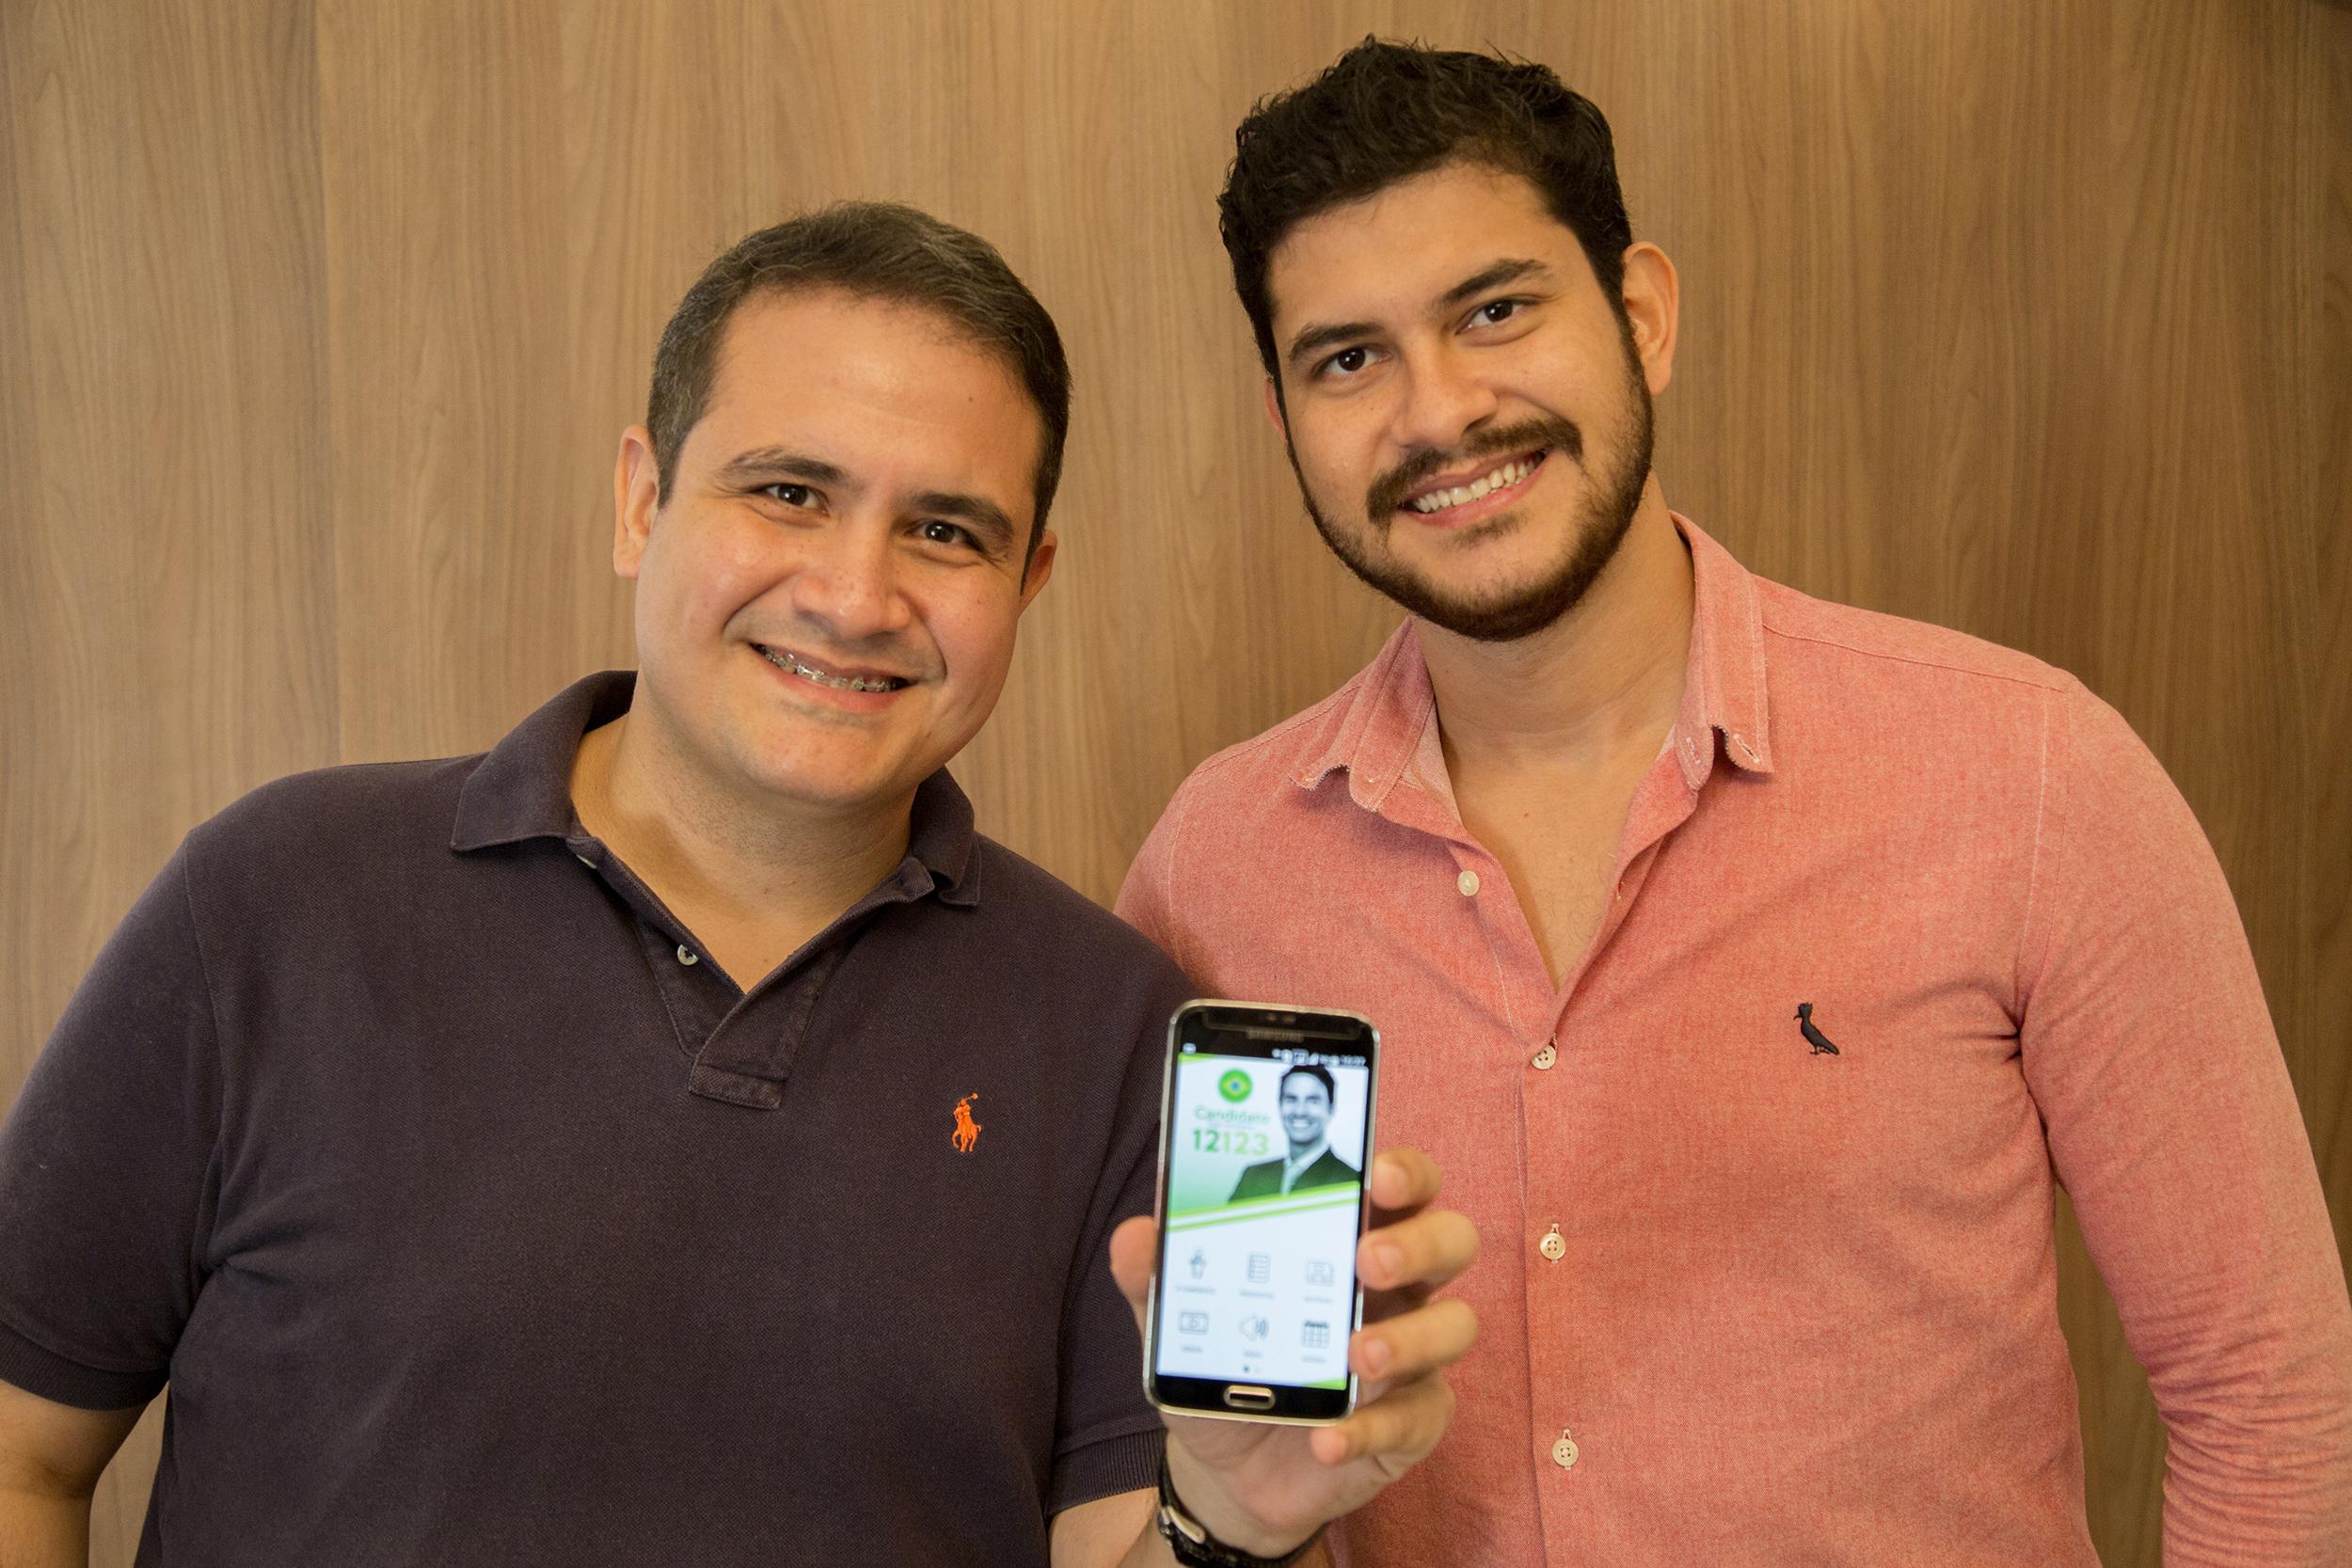 Appz2Me ajuda o empreendedor na criação de aplicativos para dispositivos móveis (FOTO: Dilvugação / Léo Paiva)